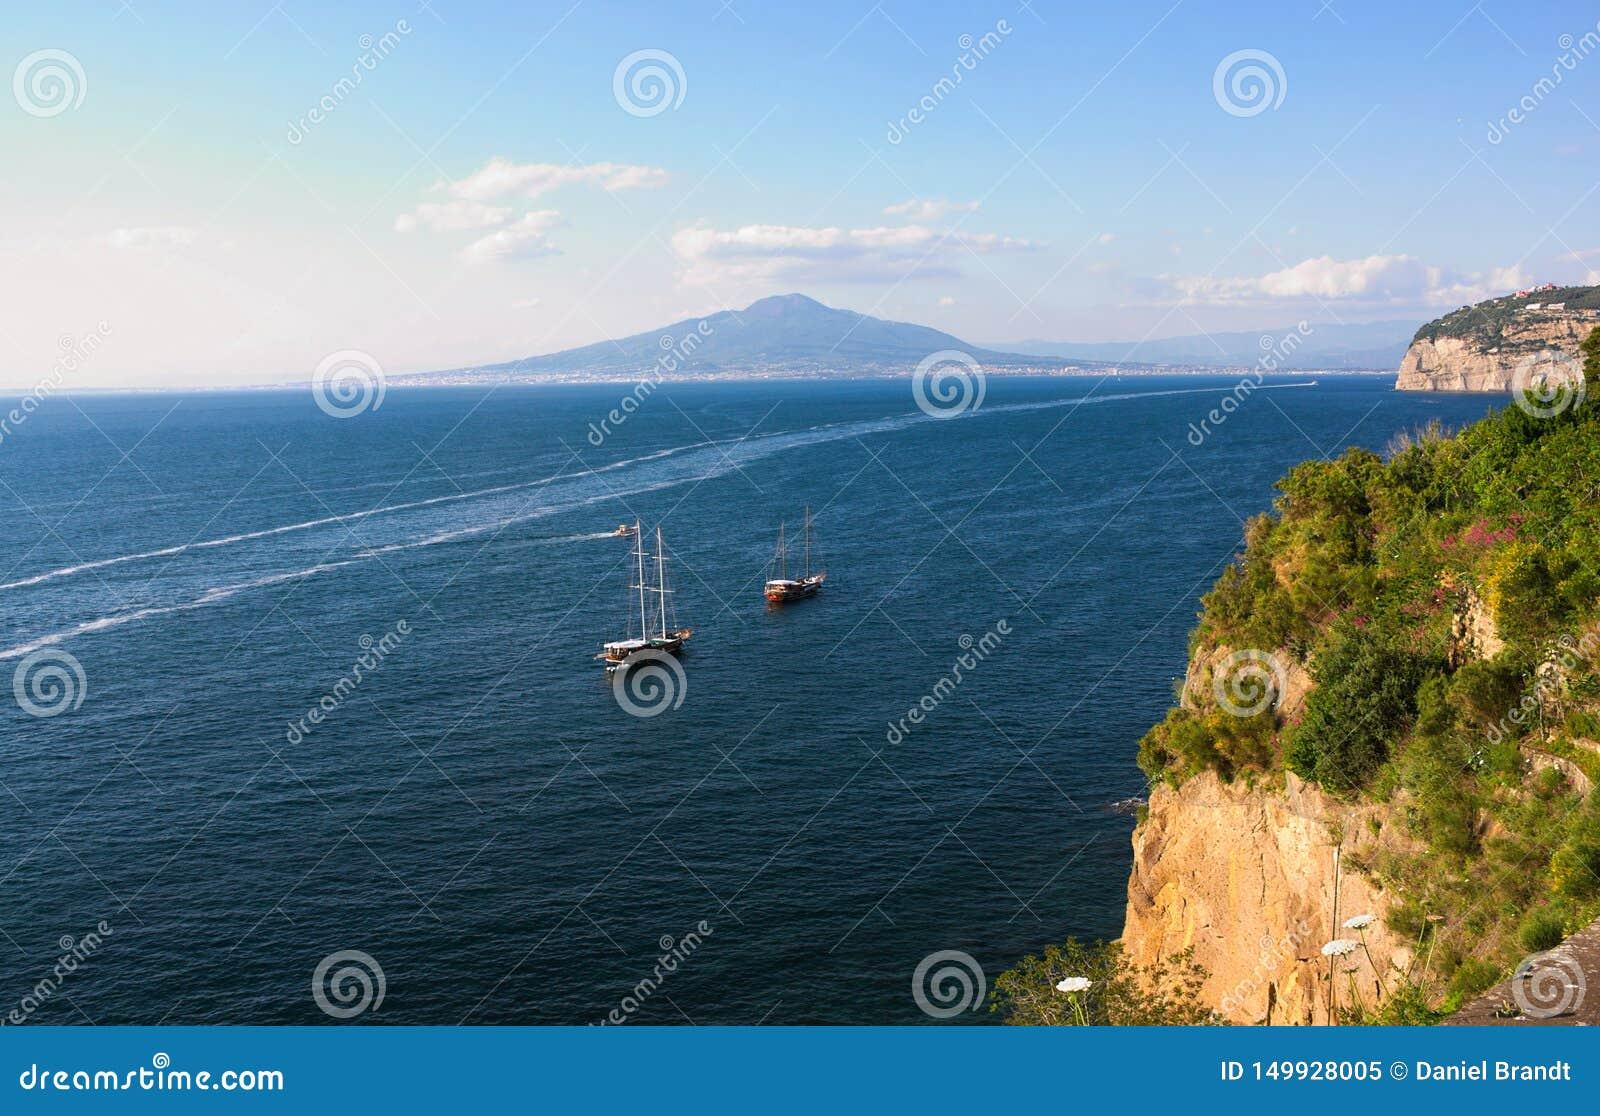 Fartyg, hav och vesuvius - III - Campania - Italien